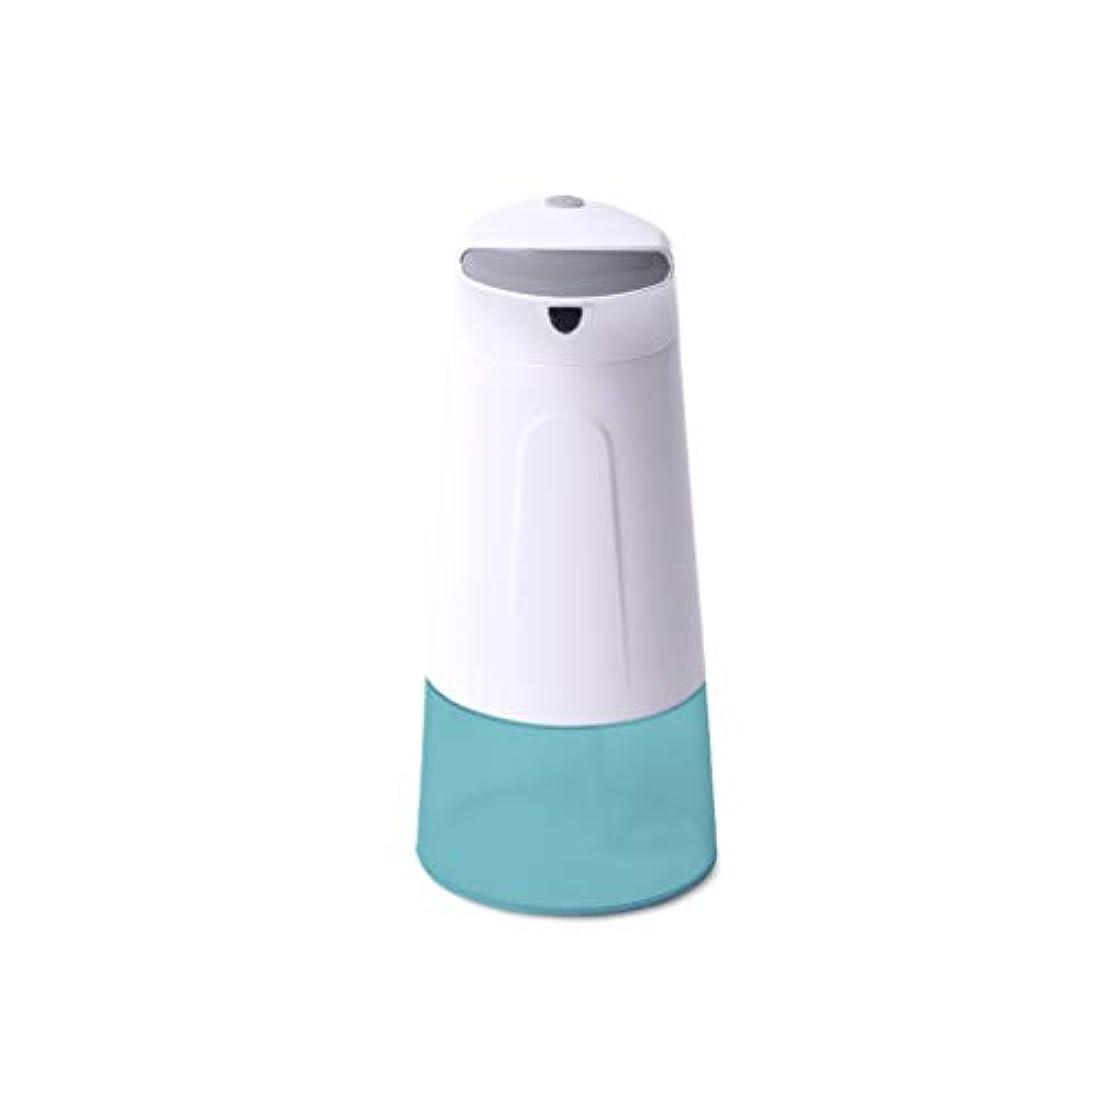 答え高度将来のせっけん ソープディスペンサー泡センサーソープディスペンサー自動ソープボックス家庭用洗面台液体アウトレットセットバスルームハンドサニタイザーボックスソープ/シャンプー/ローションシャワー 新しい